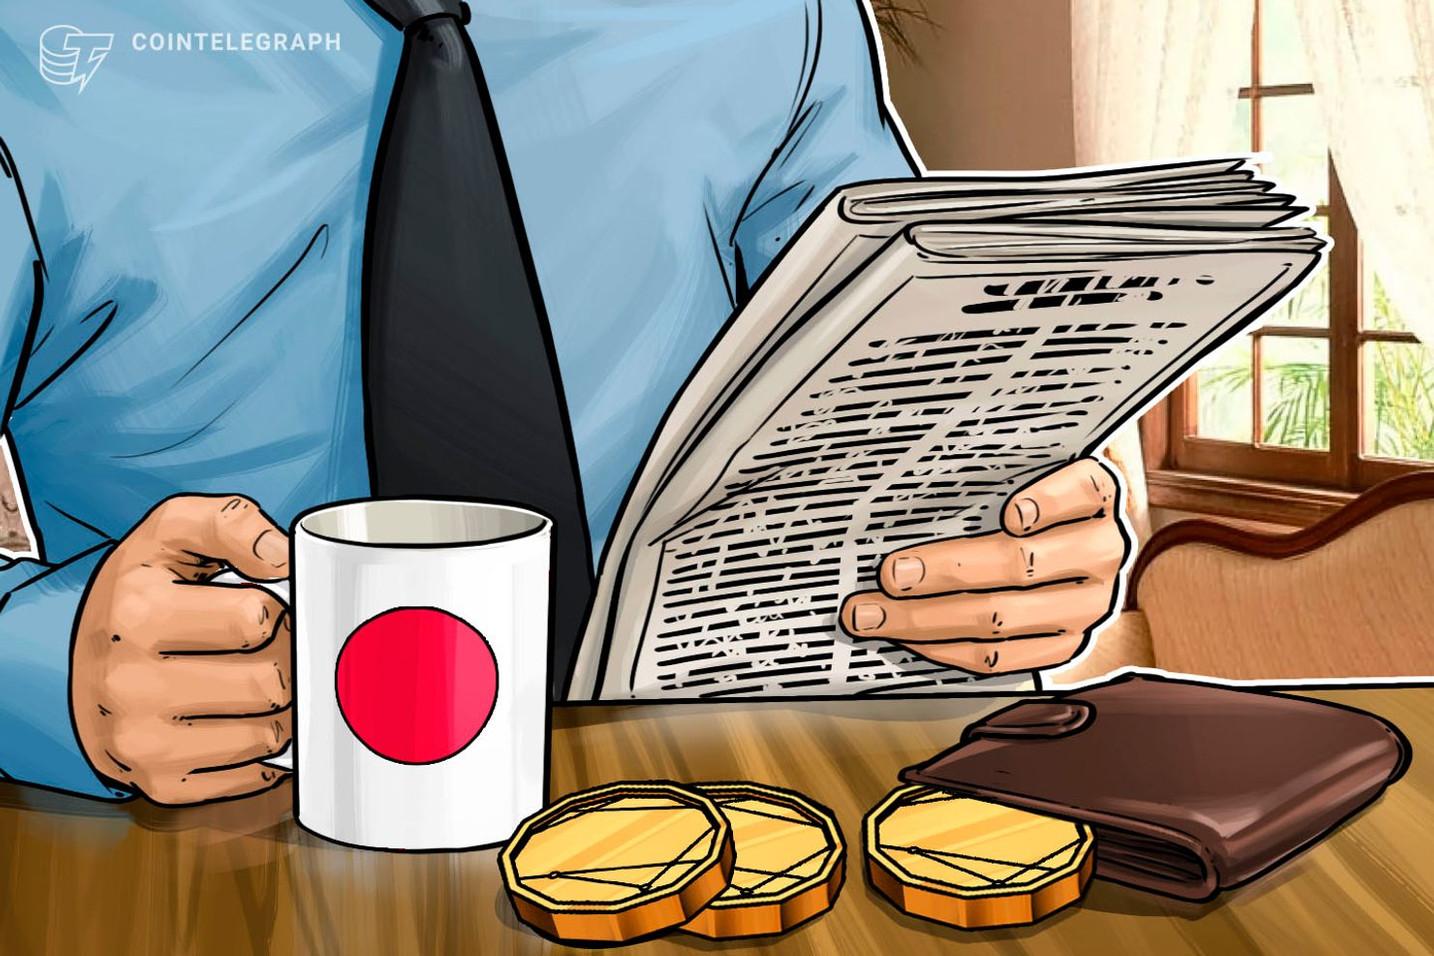 仮想通貨取引所GMOコイン、アルトコイン「テゾス」の取扱開始